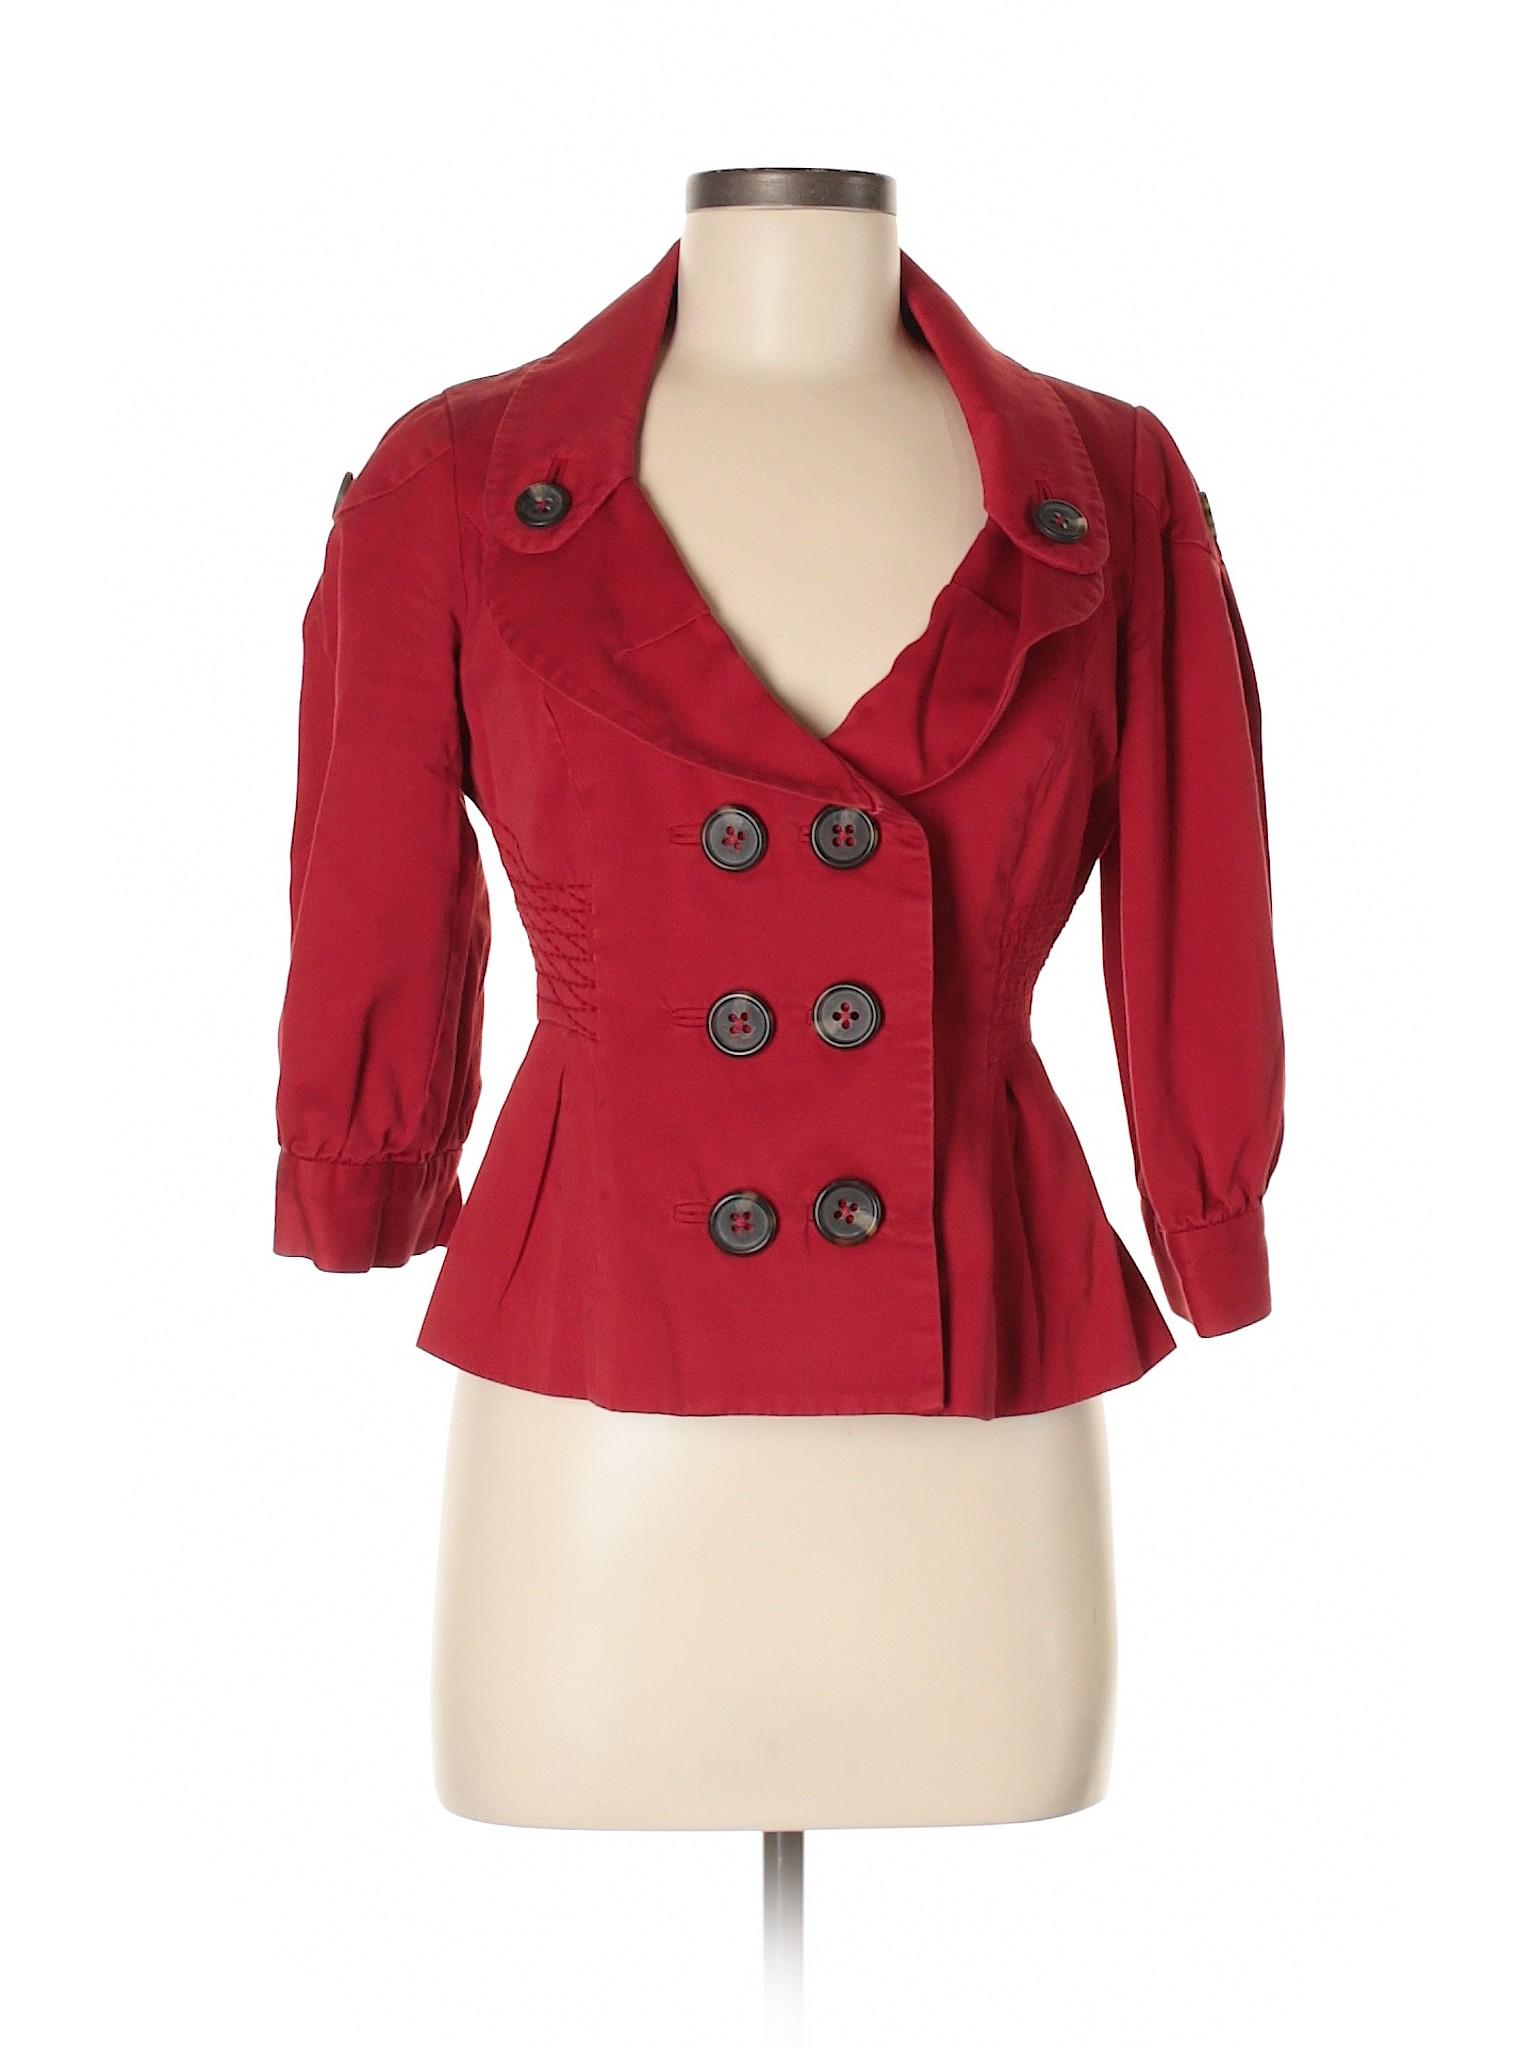 Jacket Boutique Floreat winter Boutique Floreat winter xSqxBa1w